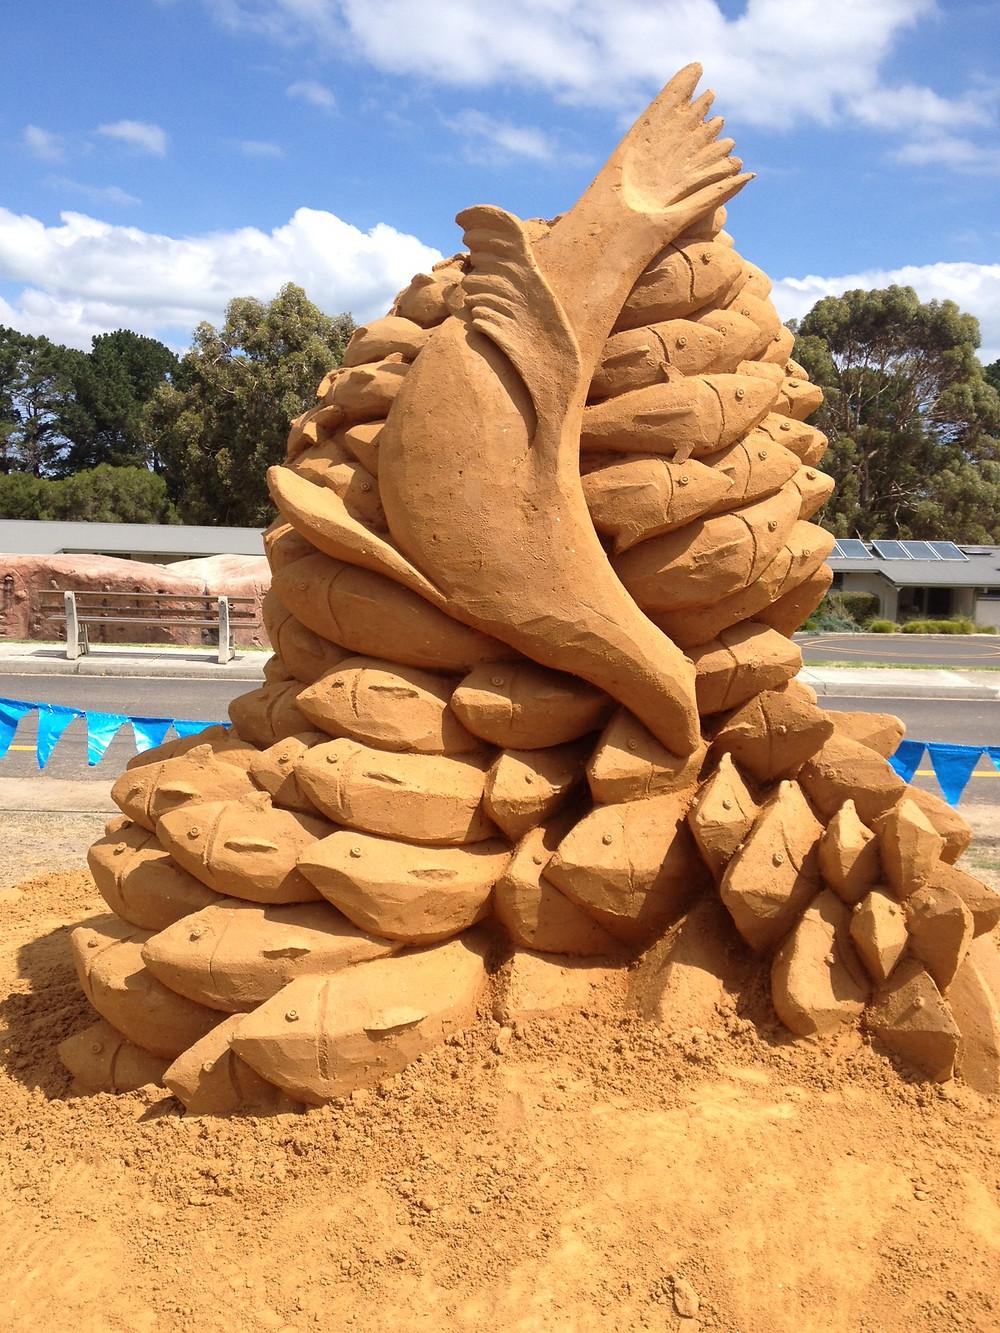 Sand sculpture_edited.JPG